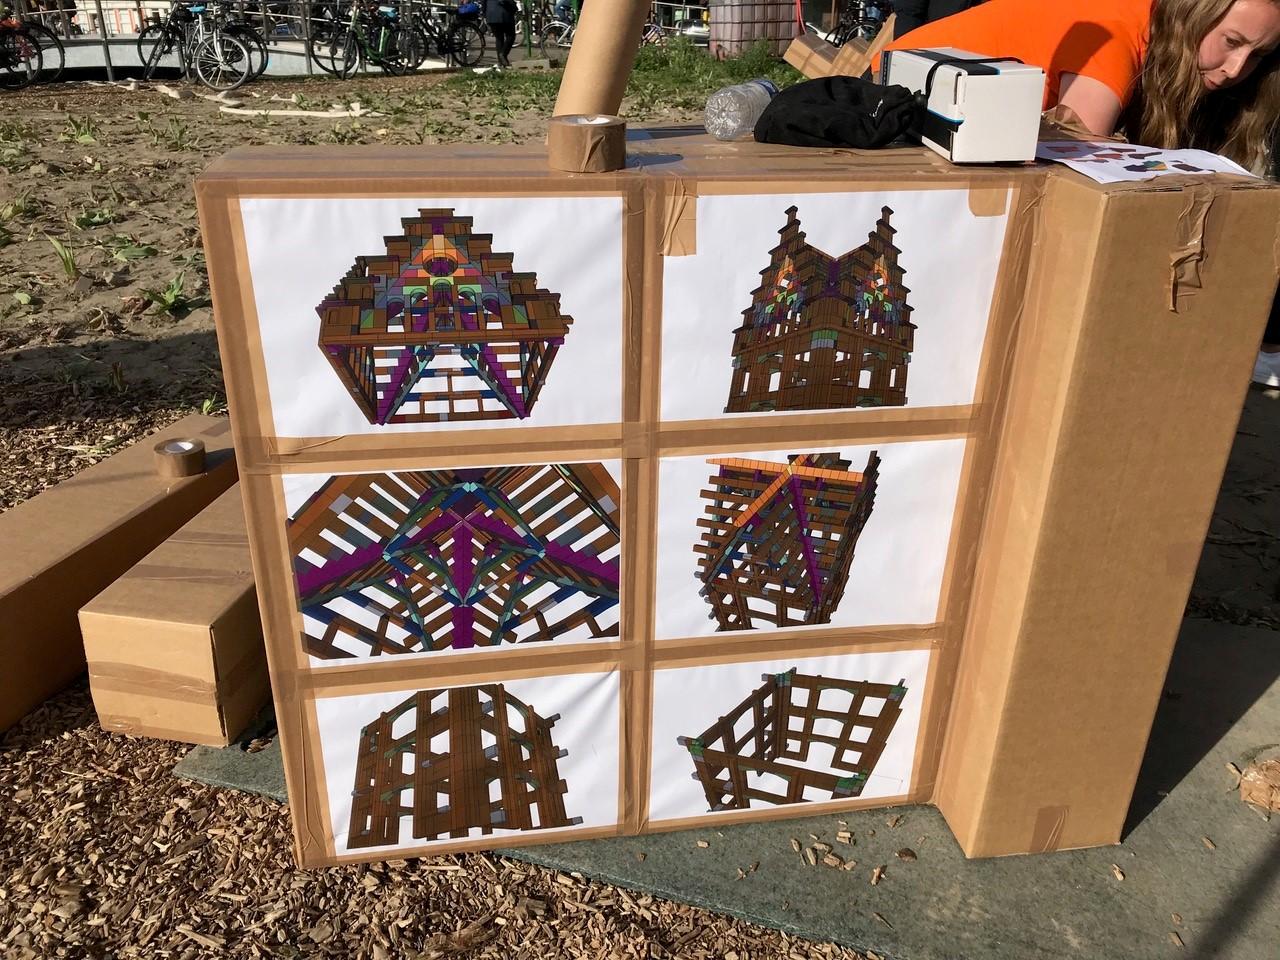 <p>Stylos en Olivier Grôssetete bouwen kartonnen kunstwerk in Nieuw Delft. Beeld Karin Janssen</p>